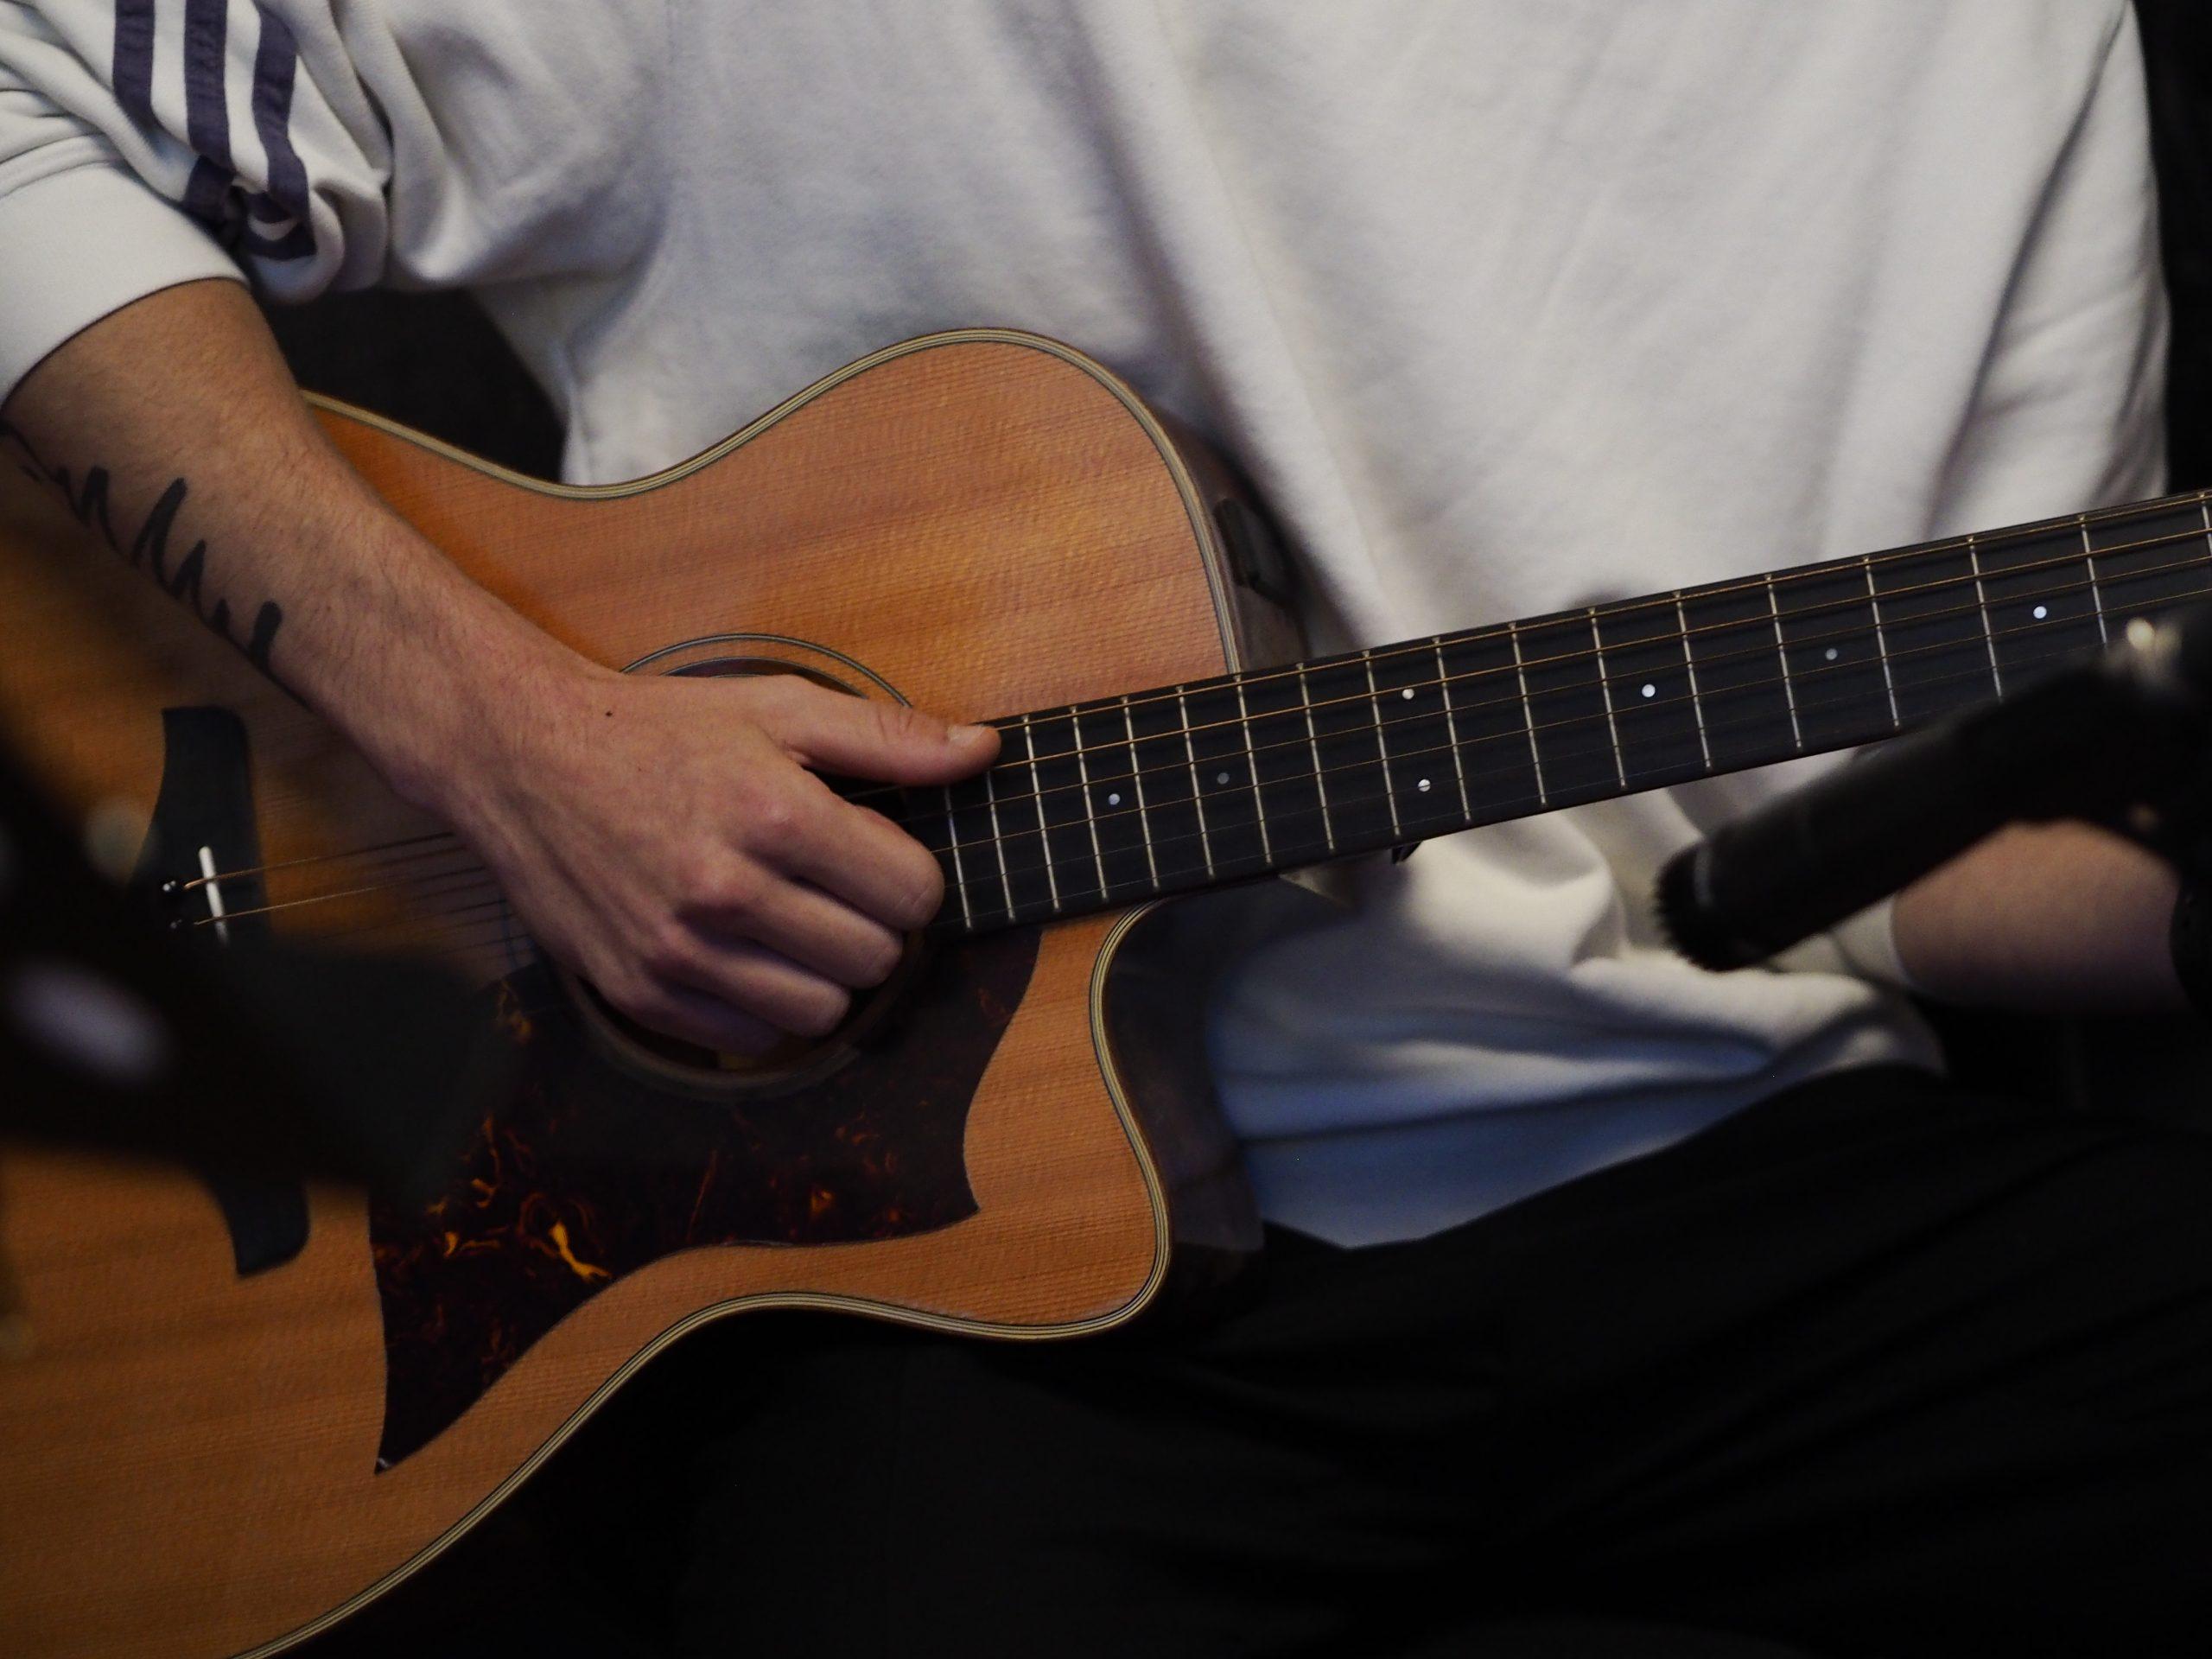 Tamino spielt ein Gitarrensample ein